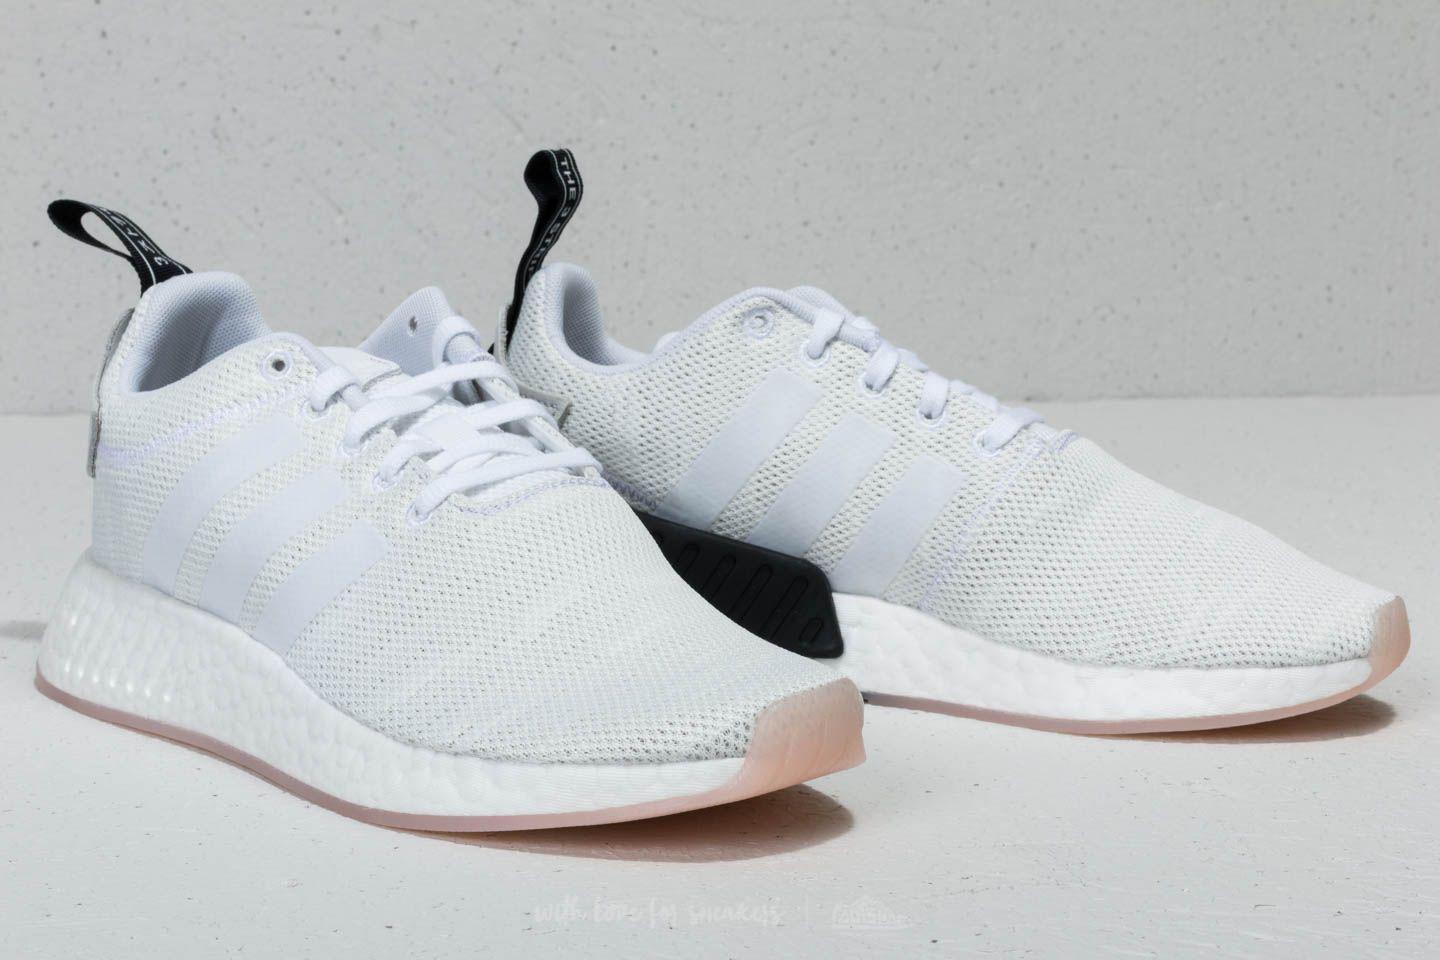 Lyst adidas Originals Adidas NMD R2 W Crystal blanco / FTW blanco